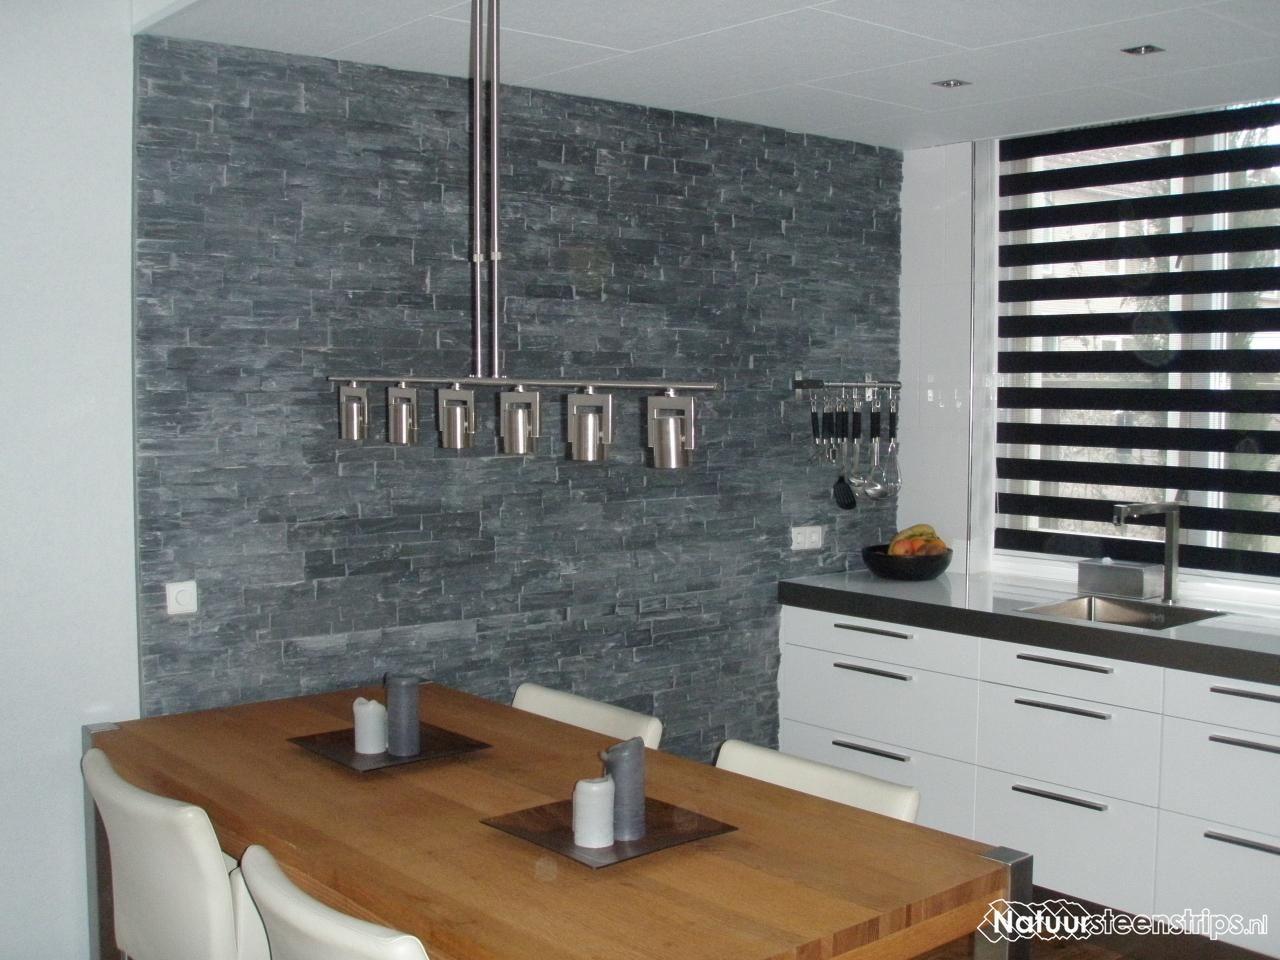 Zwarte Kit Keuken : Zwarte lei natuursteenstrips verwerkt in de keuken decoratieve